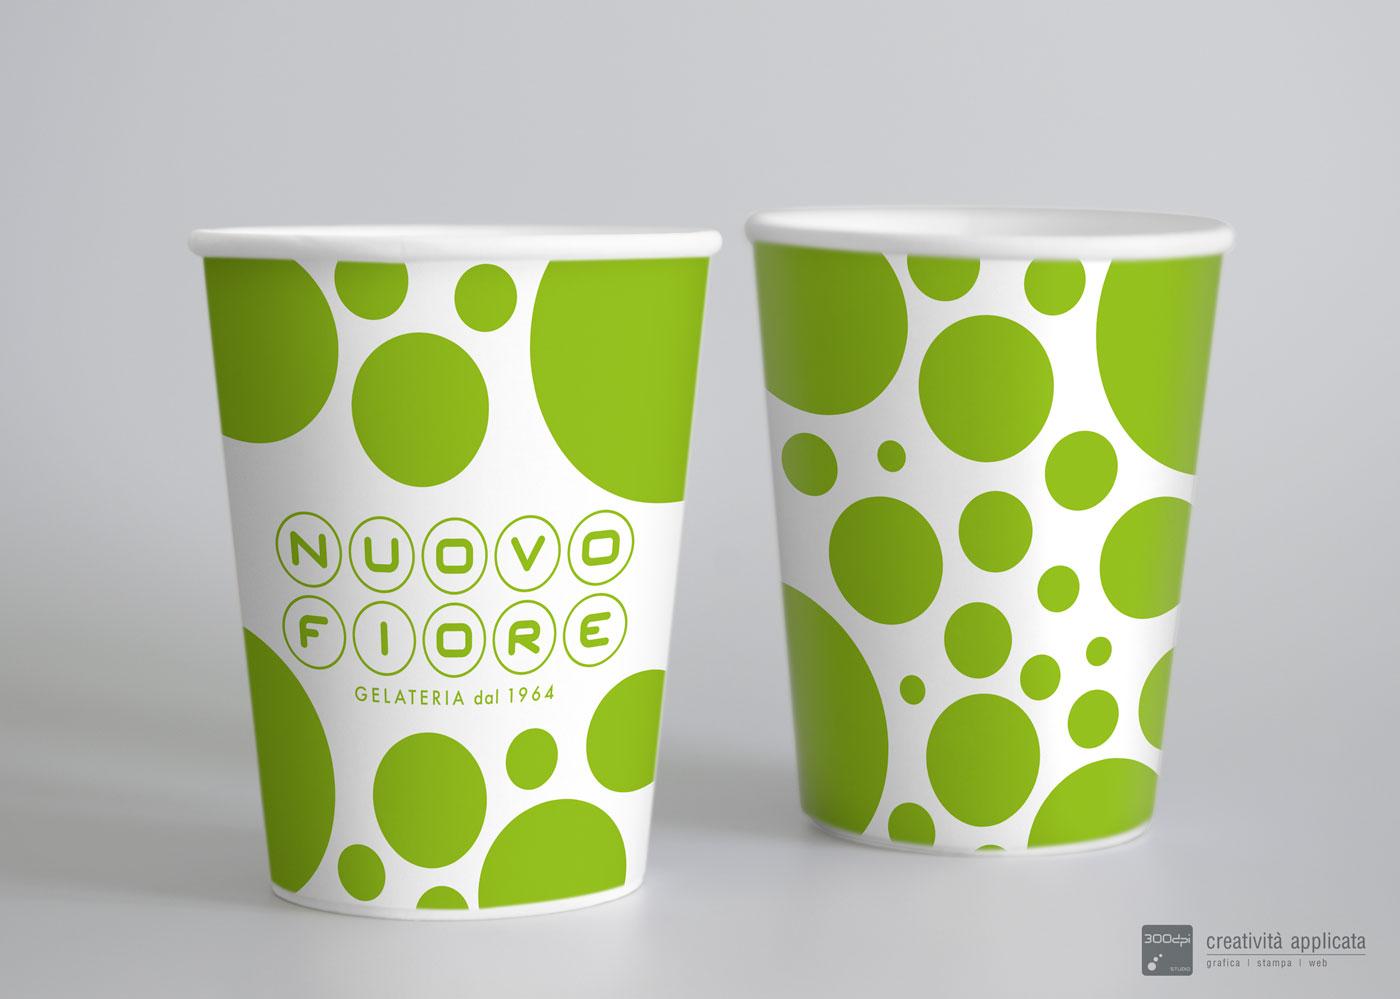 Bicchiere in carta Gelateria NUOVO FIORE Rimini   300dpi STUDIO